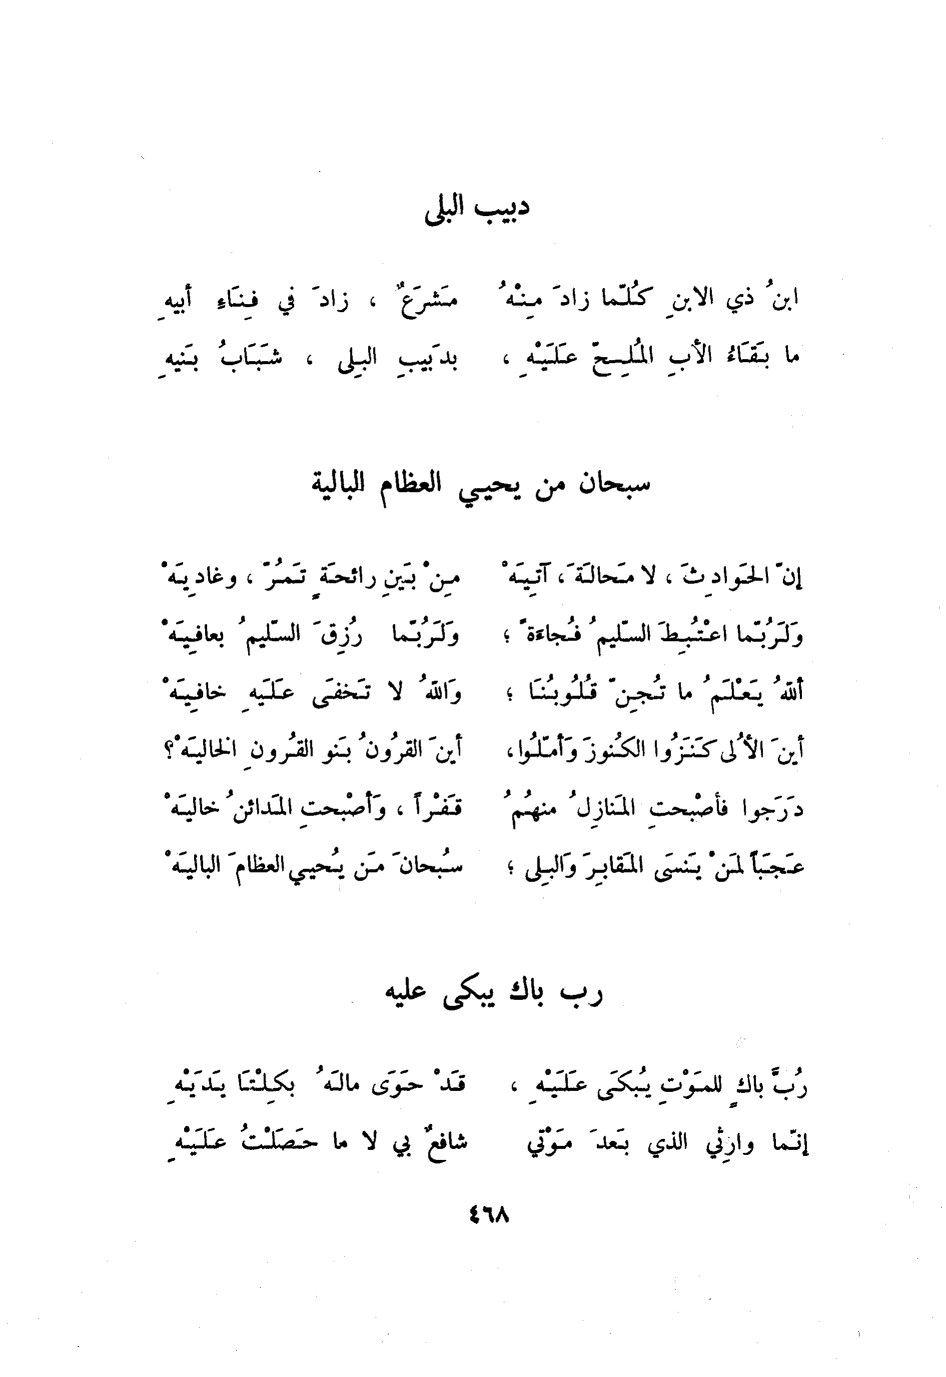 Pin By بسم الله الرحمن الرحيم On ديوان ابي العتاهية Math Math Equations Equation